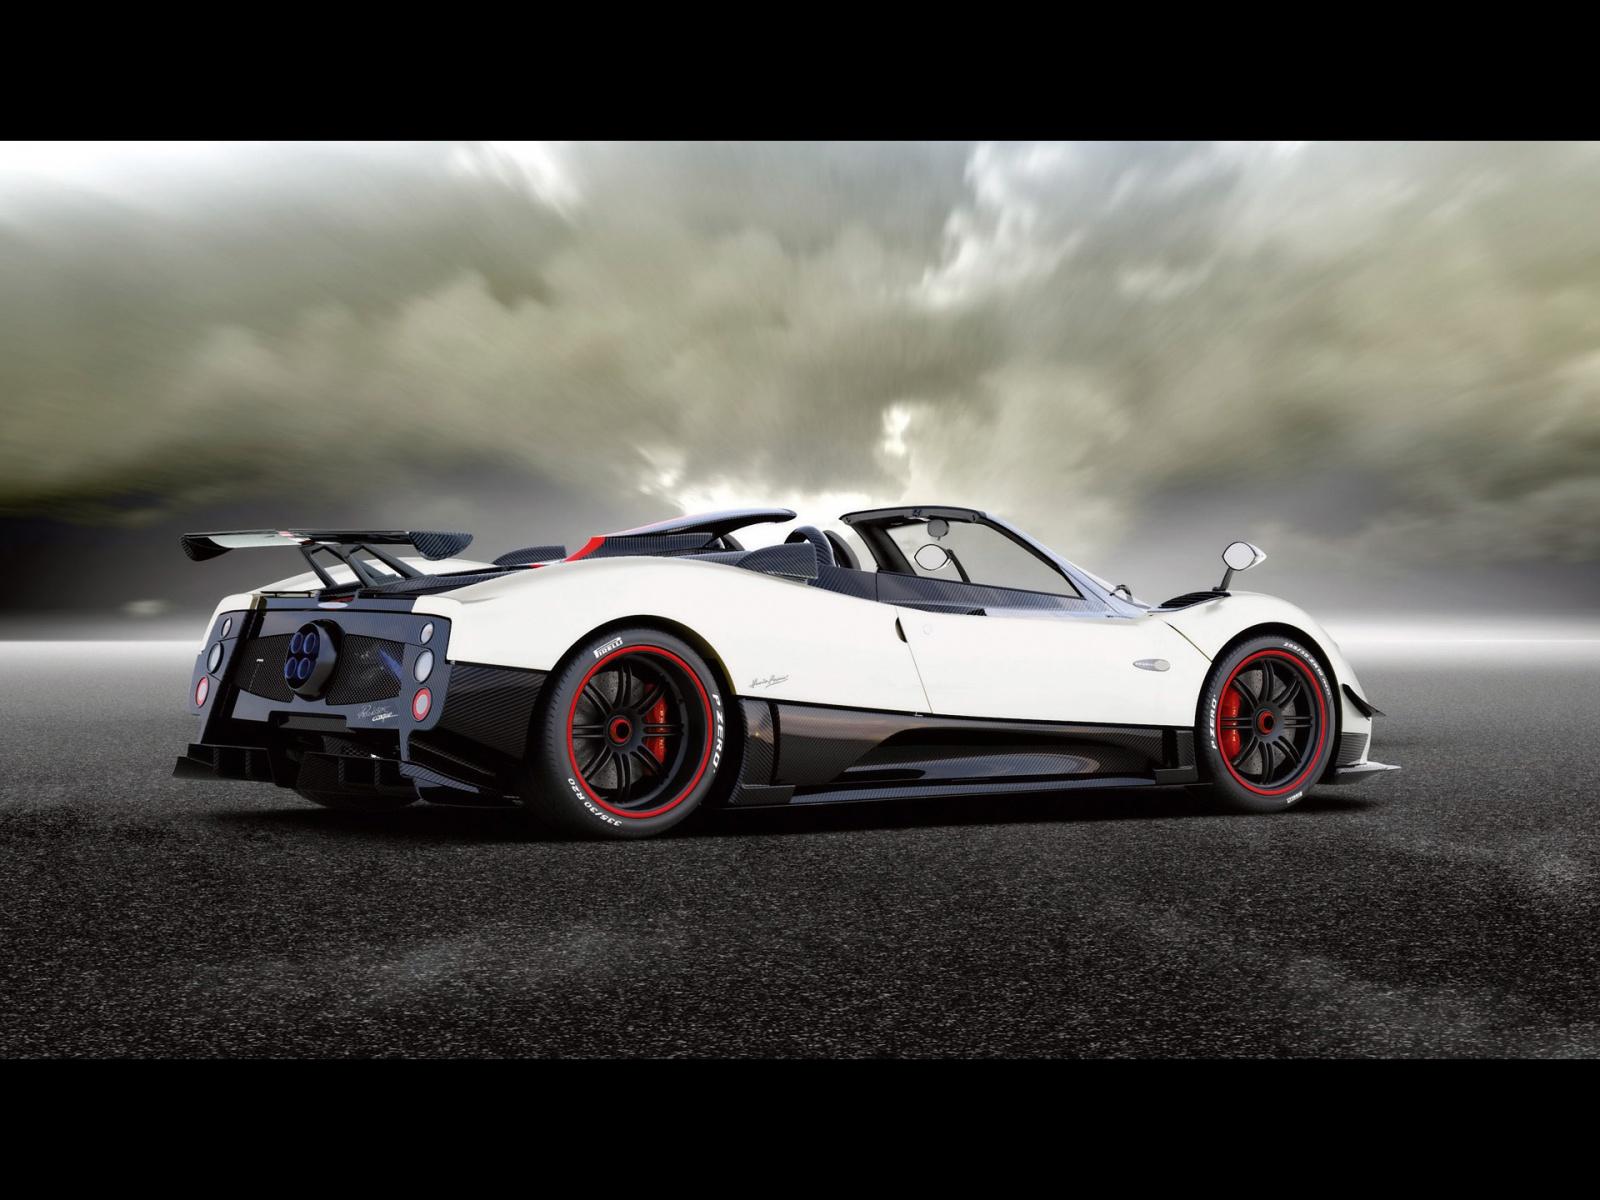 Pagani Zonda Cinque Roadster Hd Wallpaper